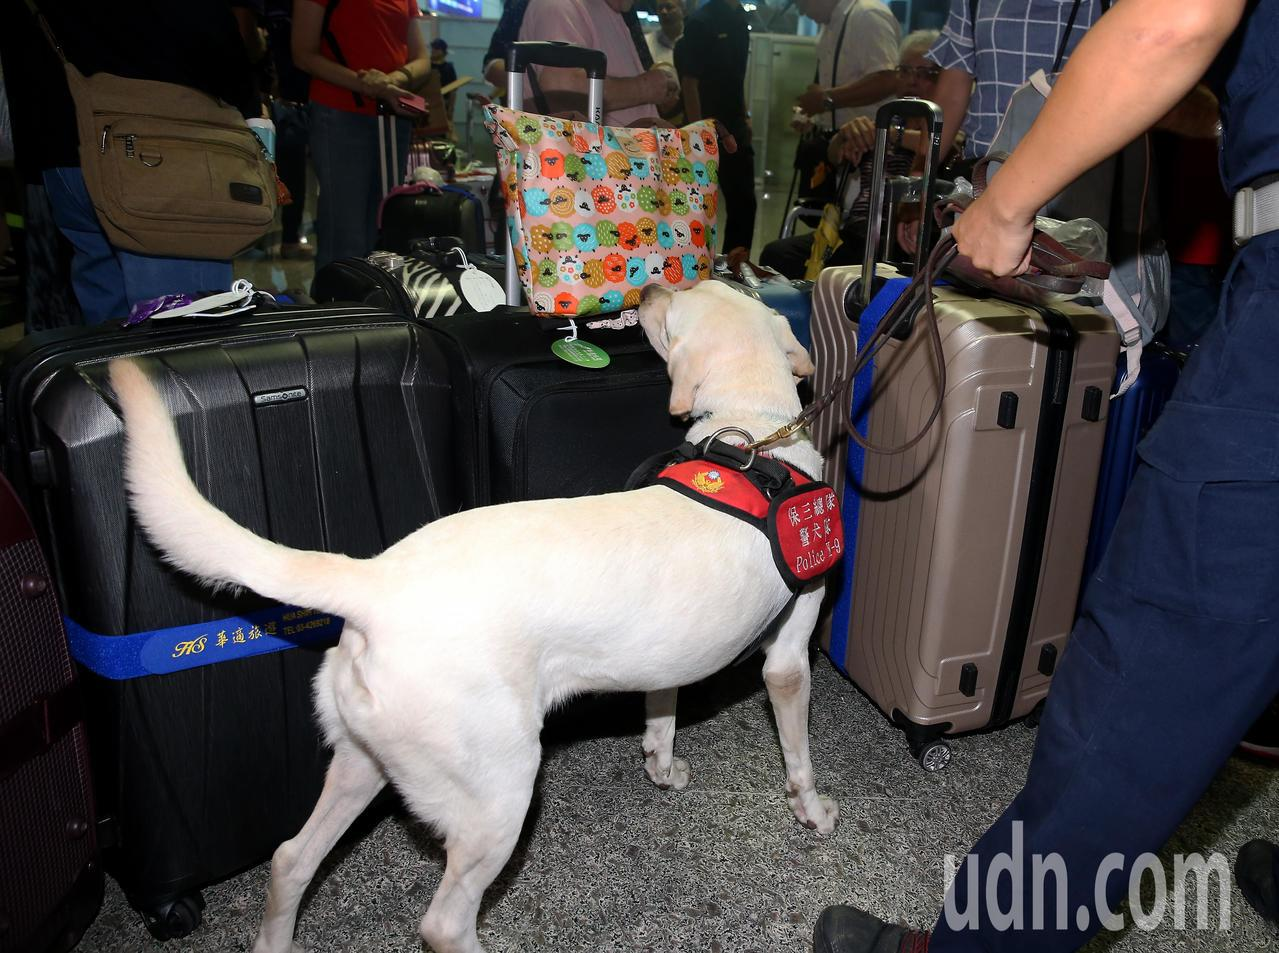 近年出境旅客夾帶2級毒品案件有增加的趨勢,航空警察局為了截堵非法疏運毒品出境的犯...